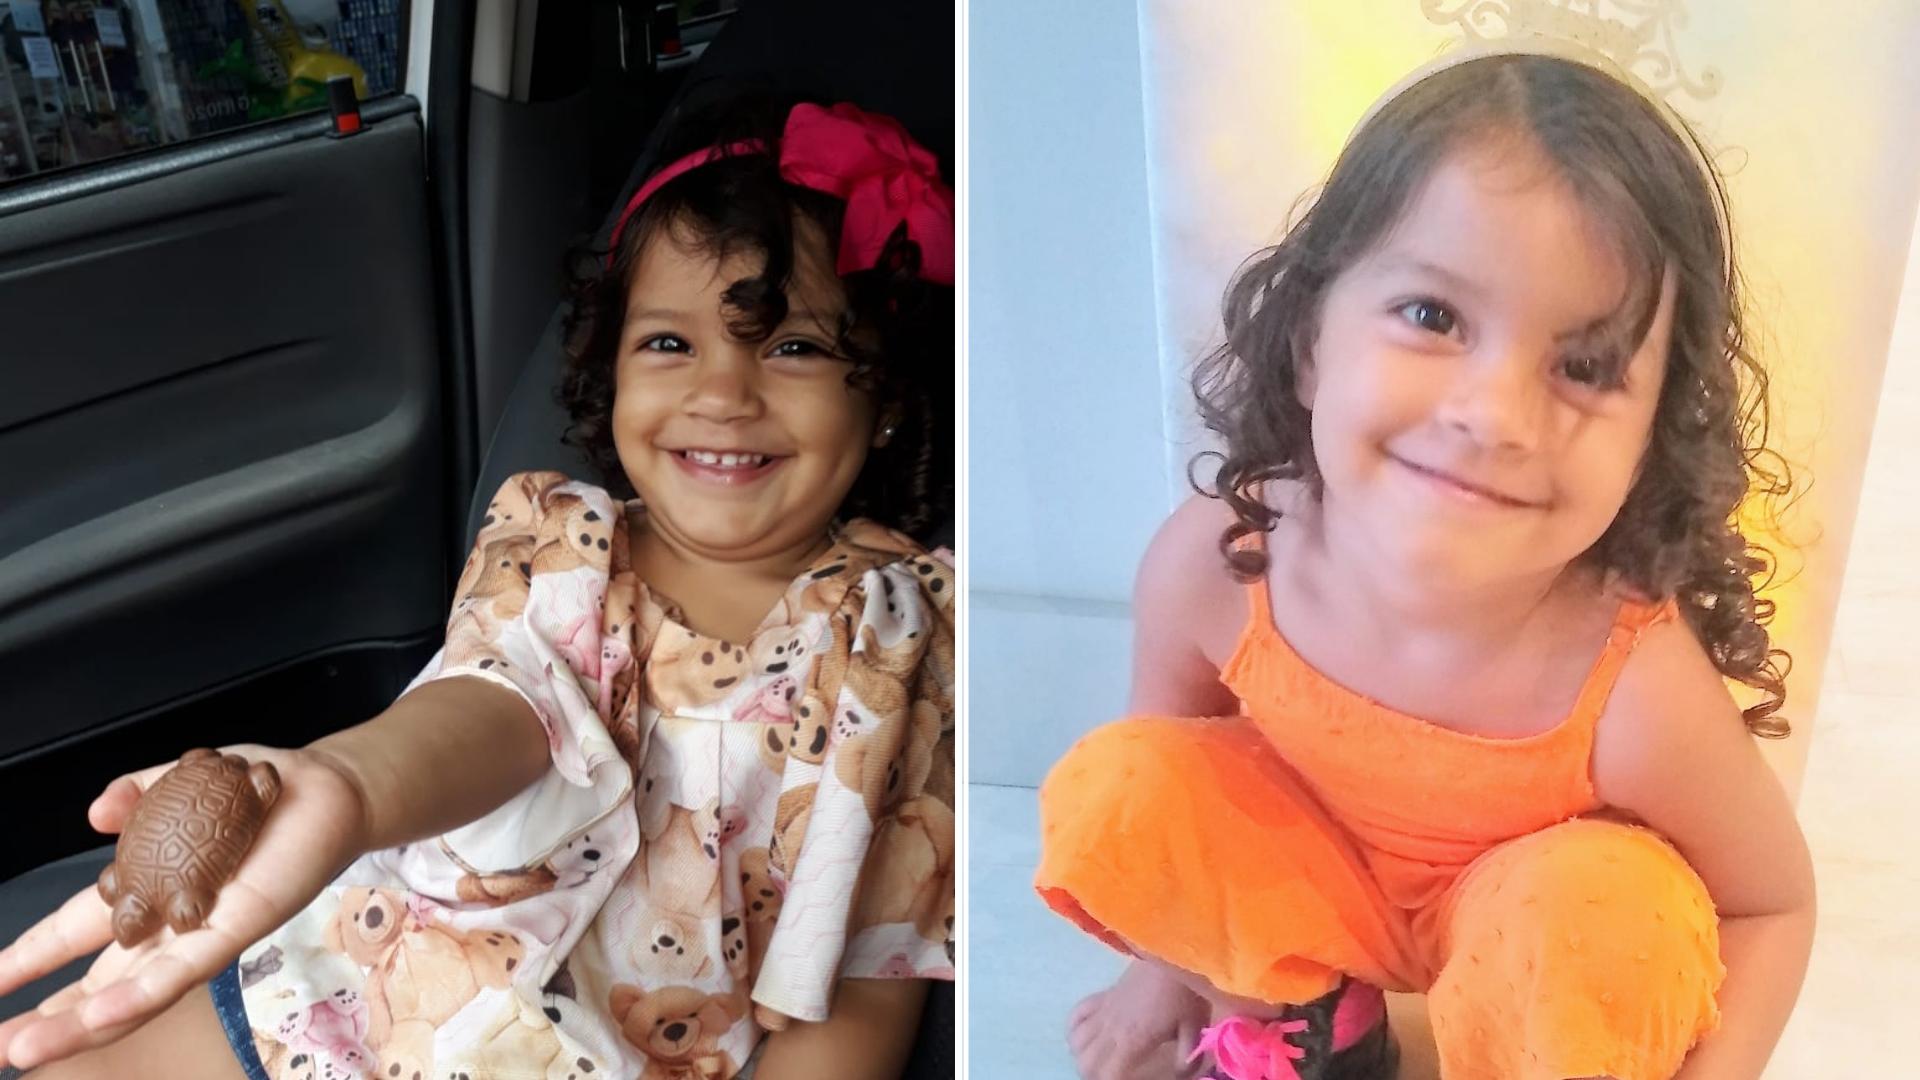 Elena Vieira Fantin, de 2 anos, morreu atropelada por ônibus em Linhares, Norte do Espírito Santo. Crédito: Arquivo pessoal